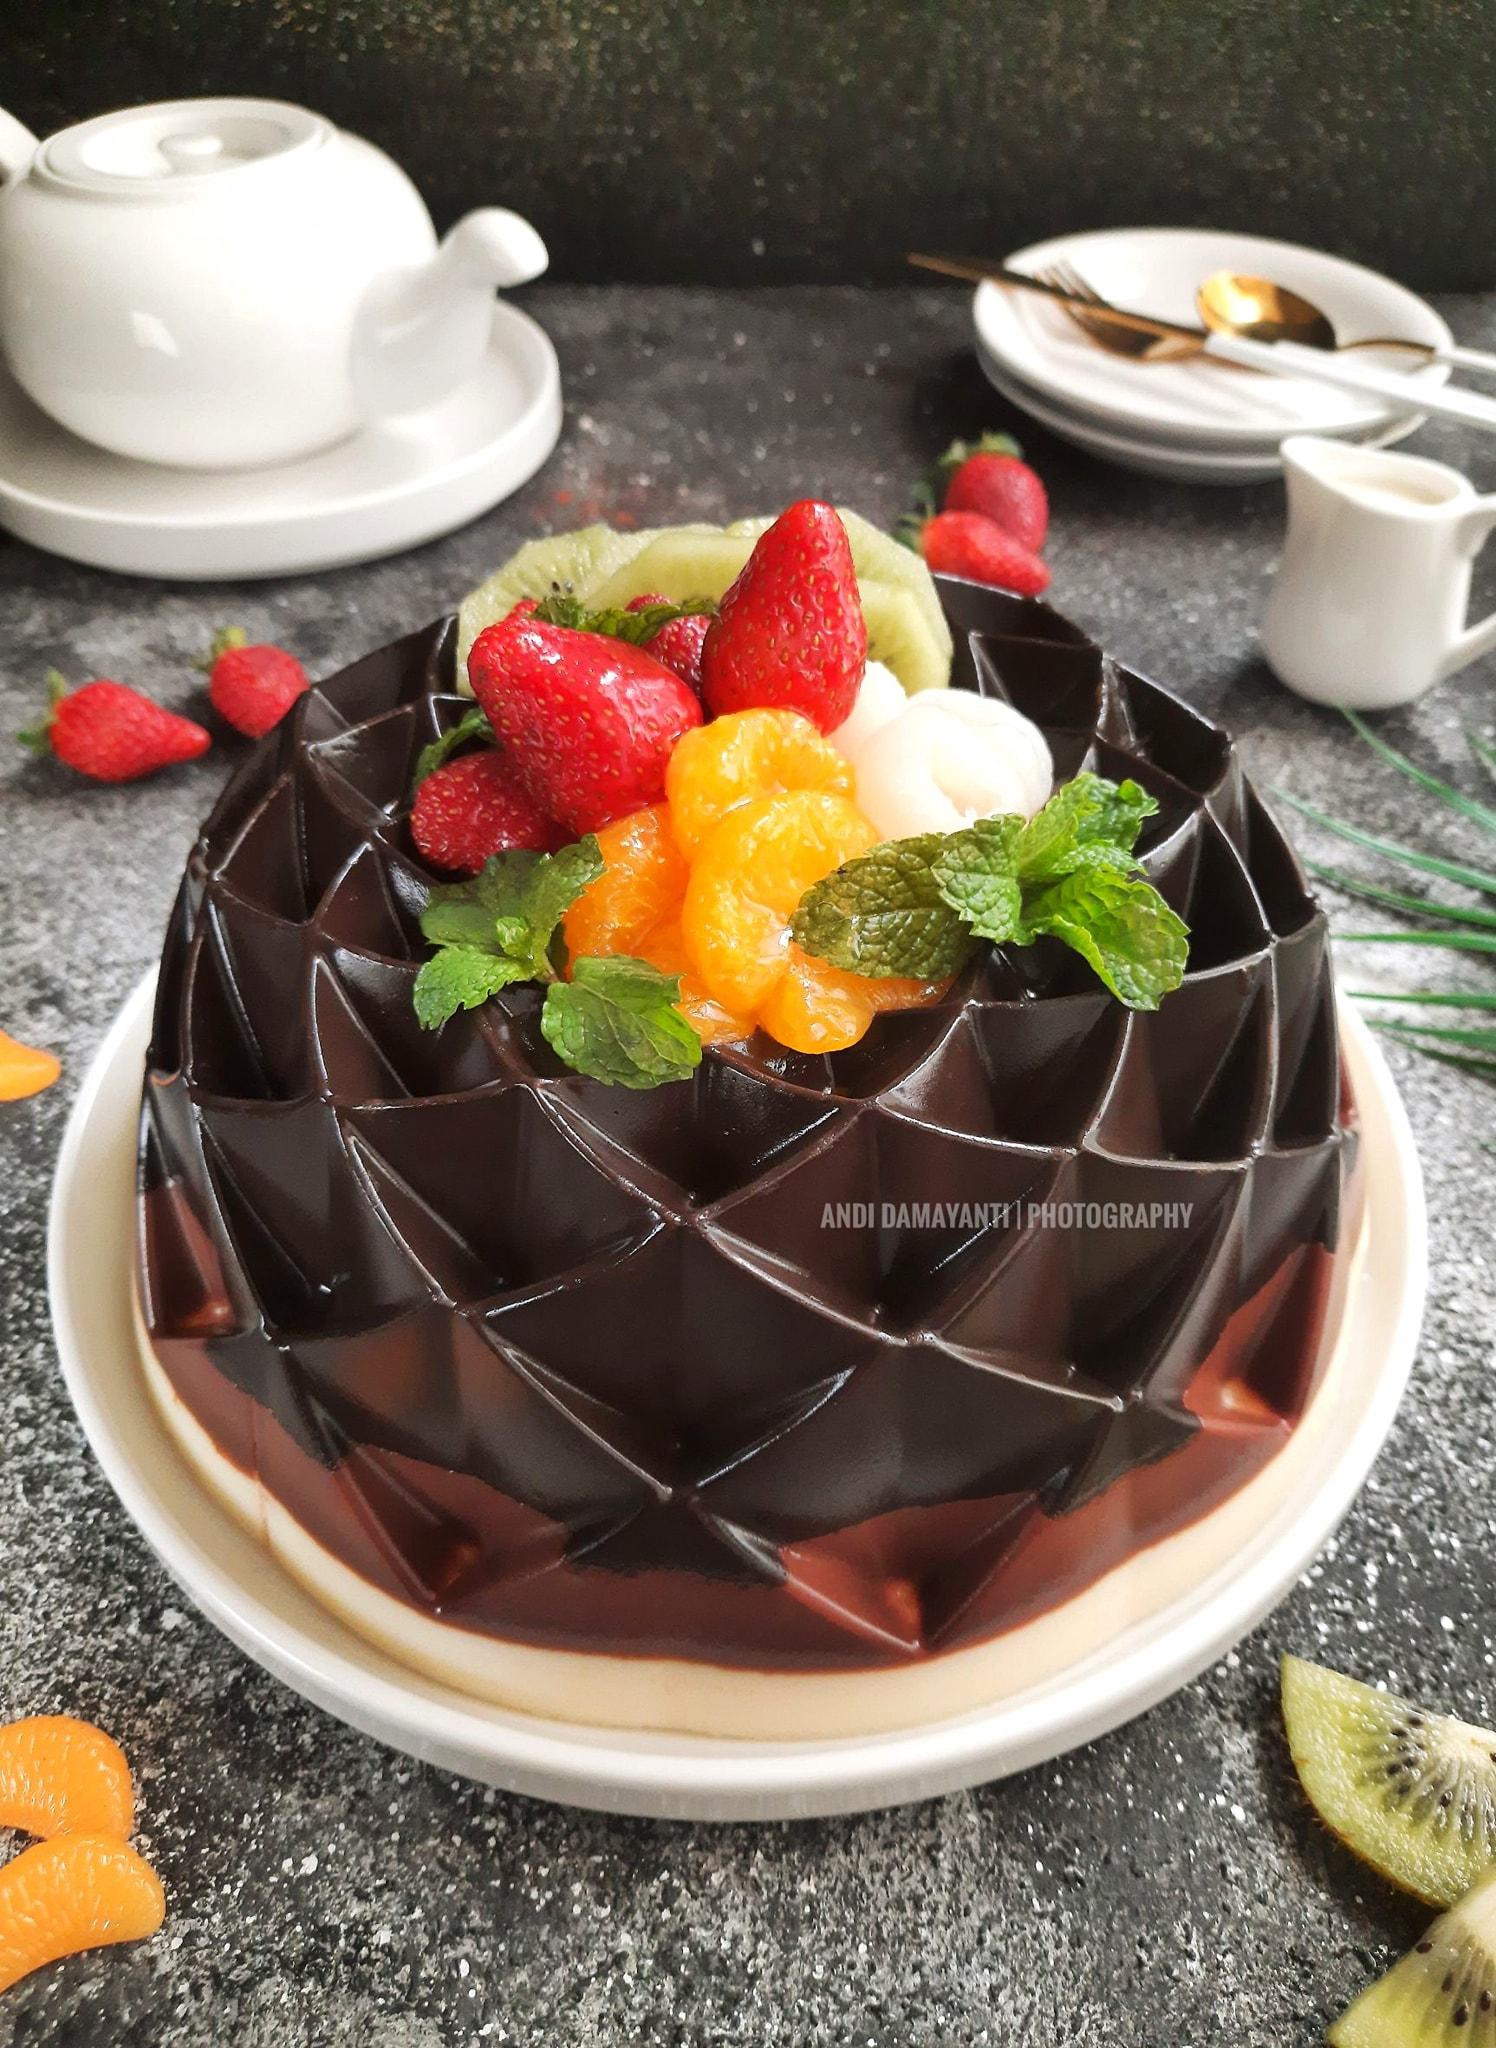 TRIPLE CHOCOLATE PUDDING by Andi Damayanti